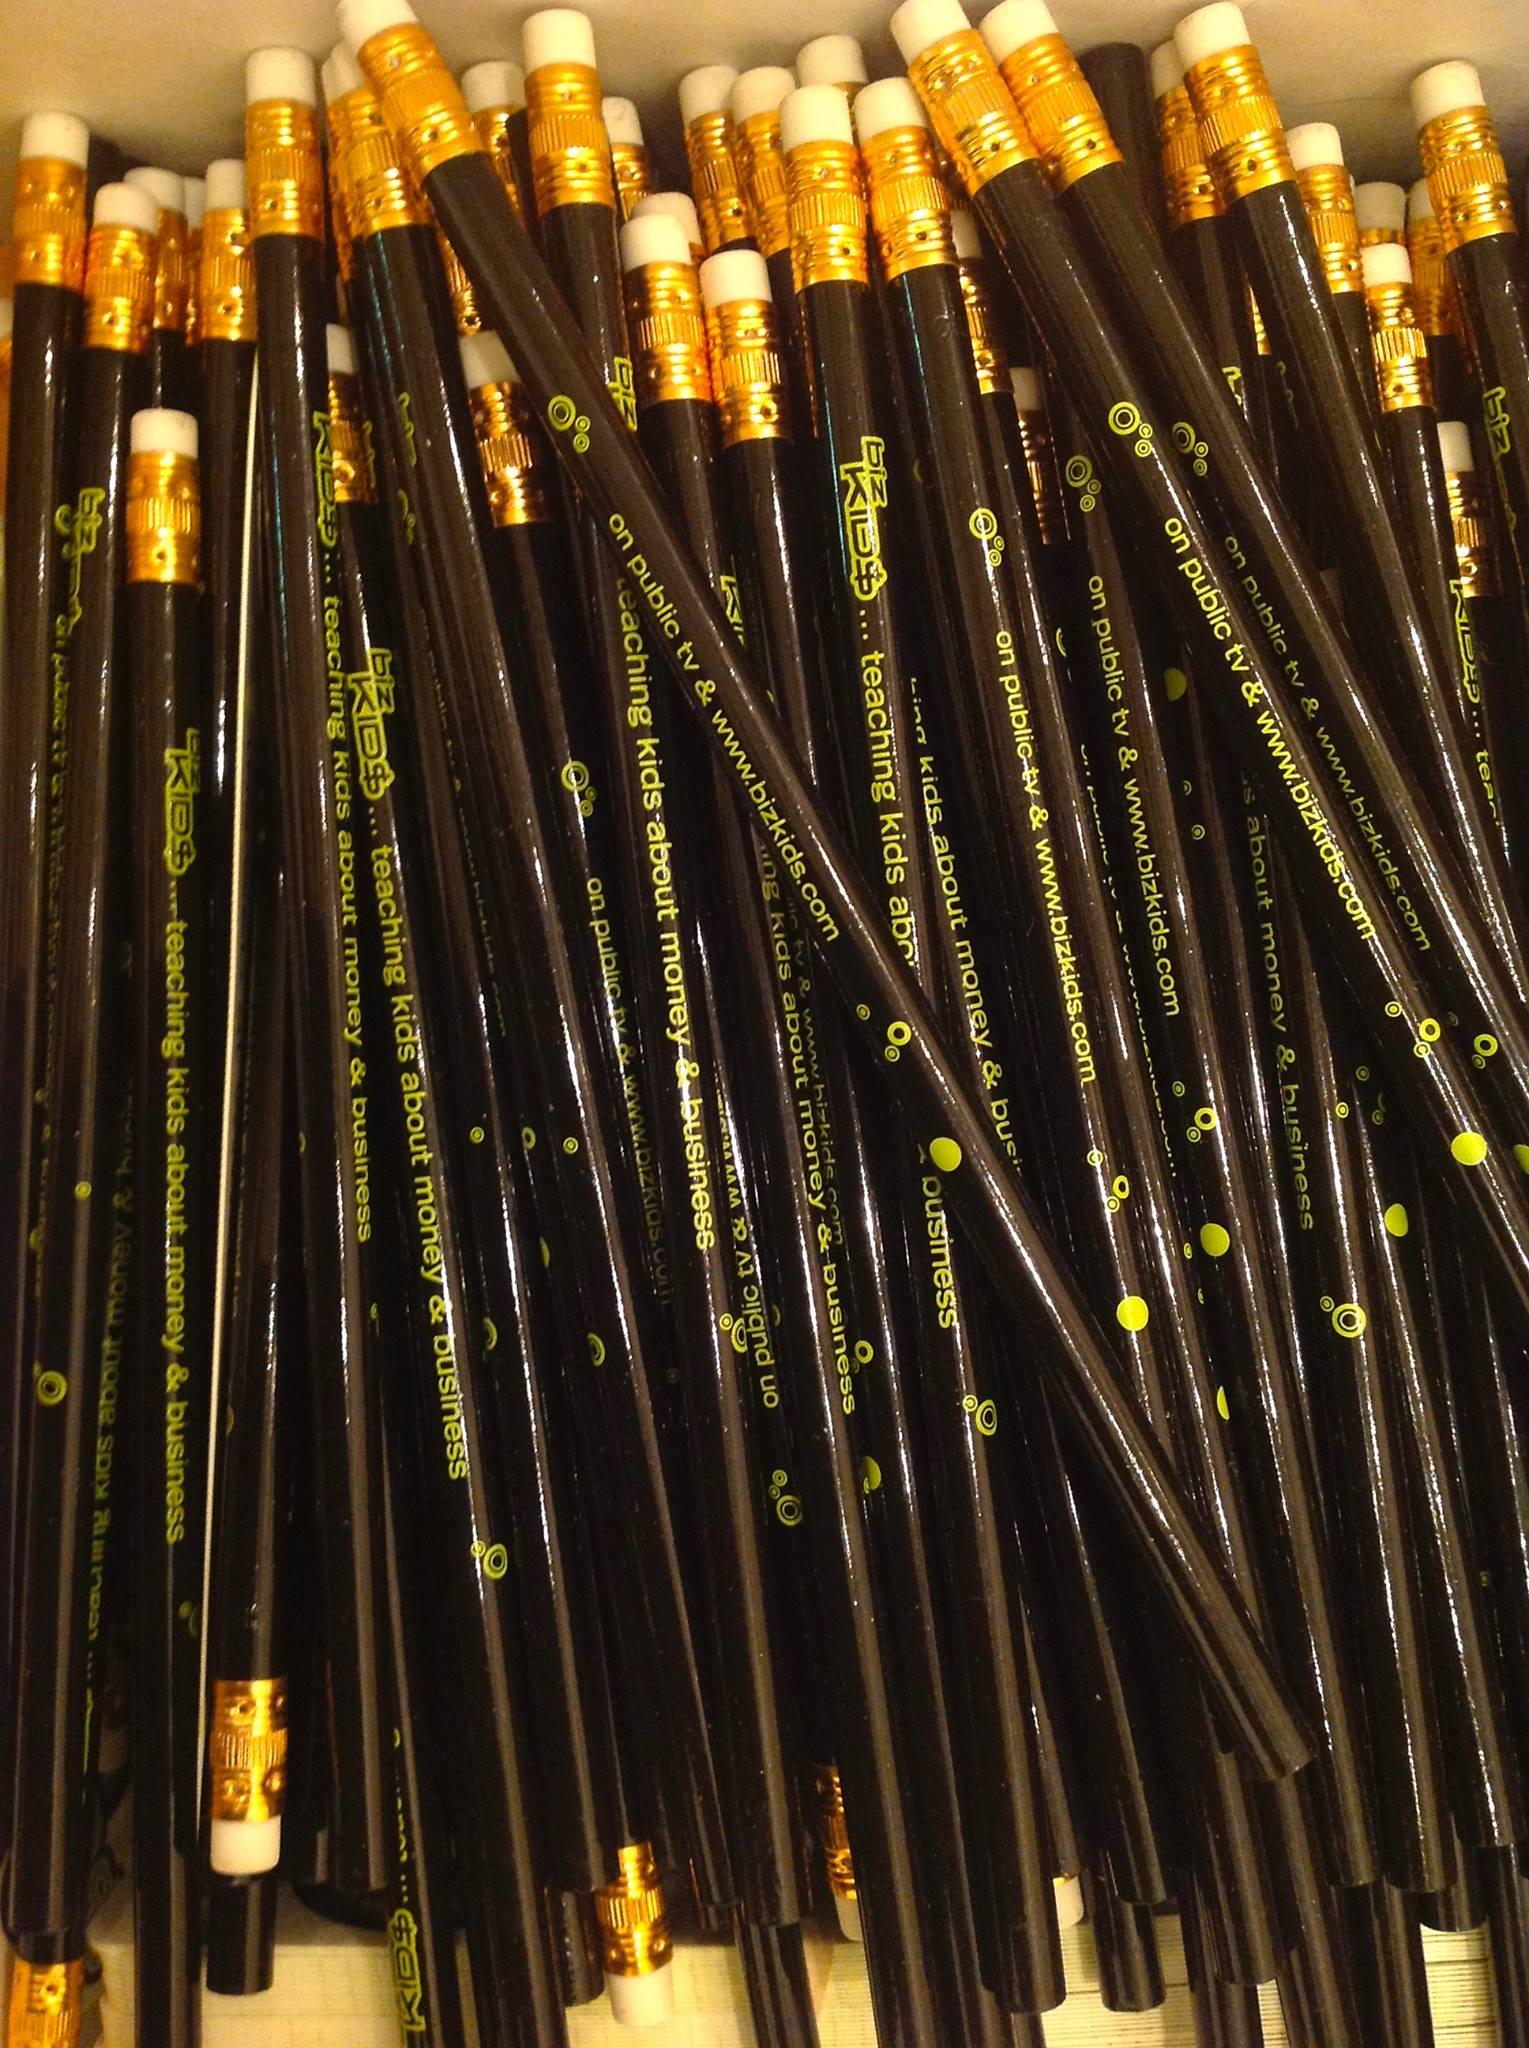 L4L_PBSKids_Pencils.jpg